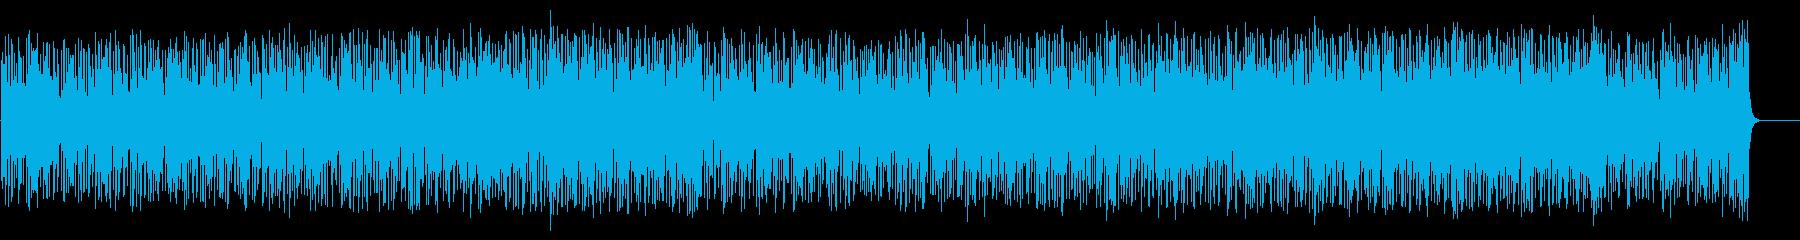 リラックスなフュージョン(フルサイズ)の再生済みの波形